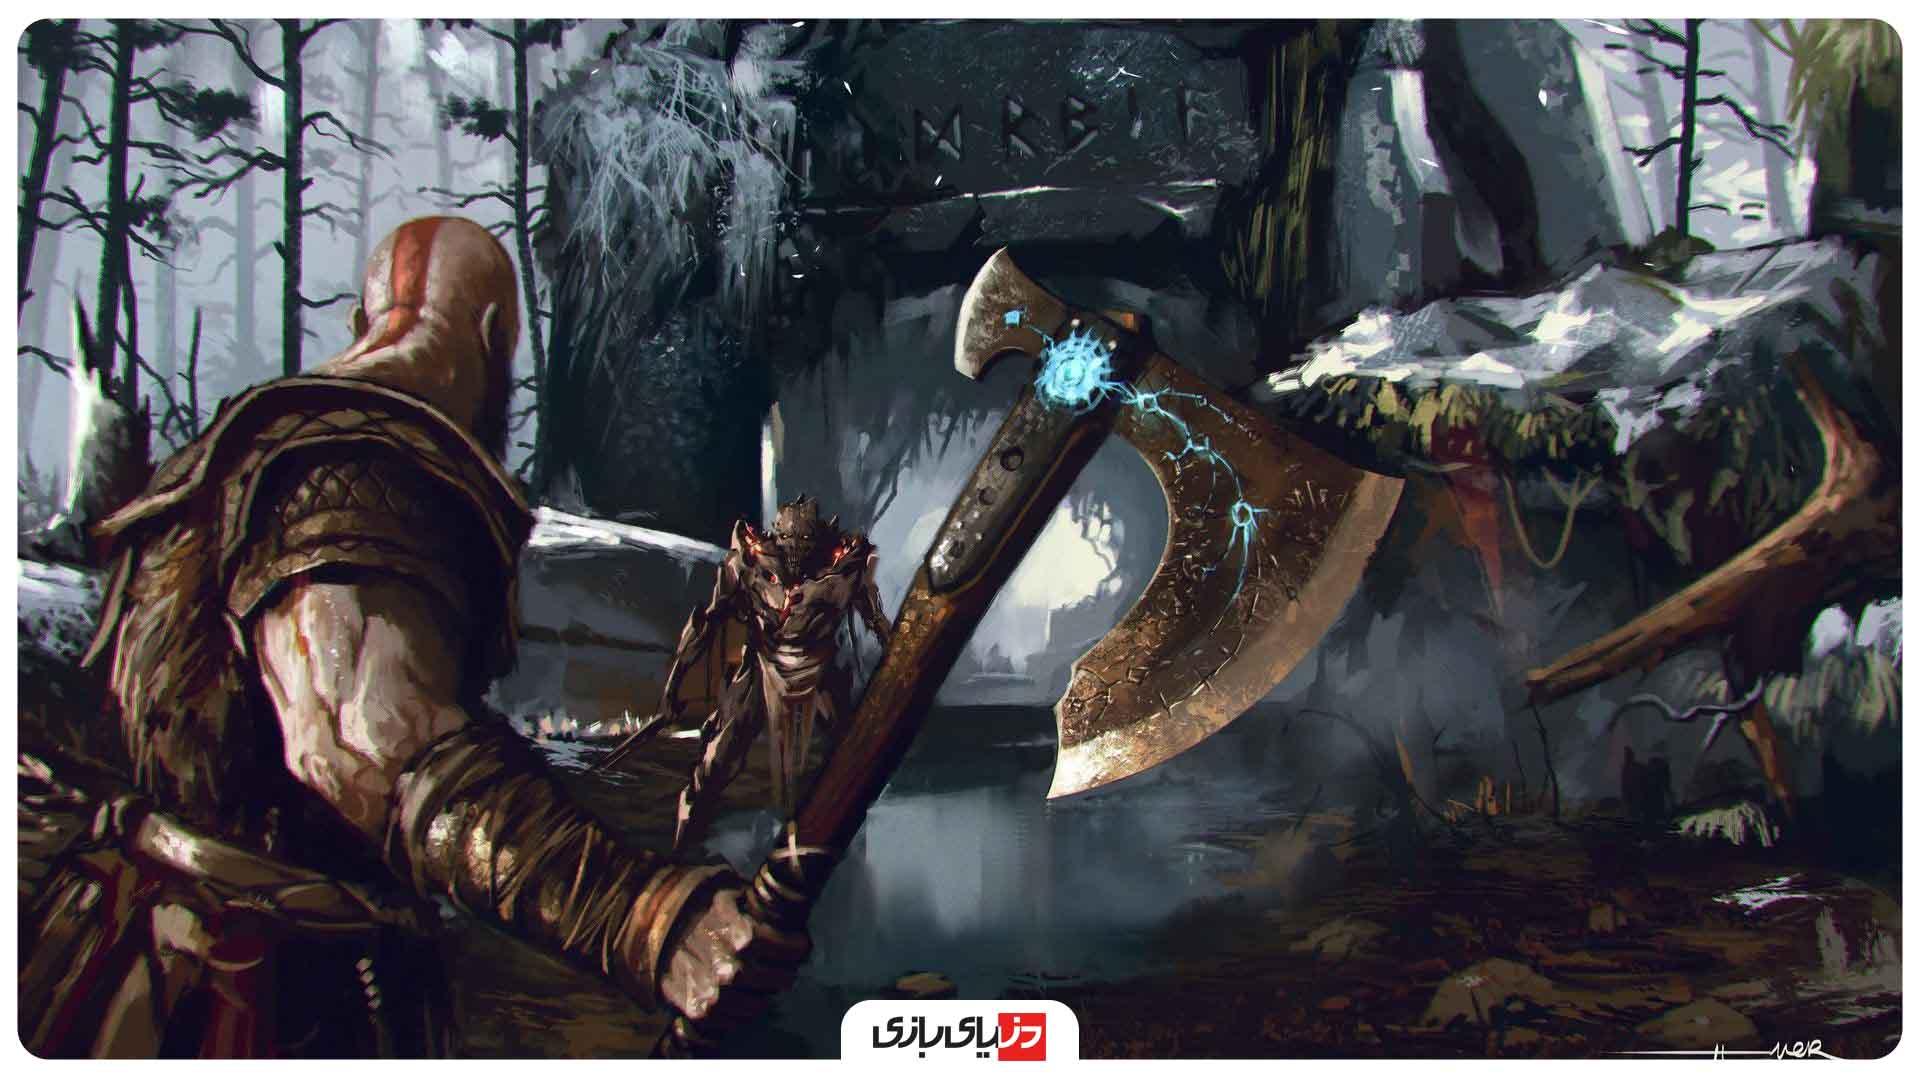 نکات بازی God of war - نوشته اسکاندیناوی هک شده بر روی دیوار